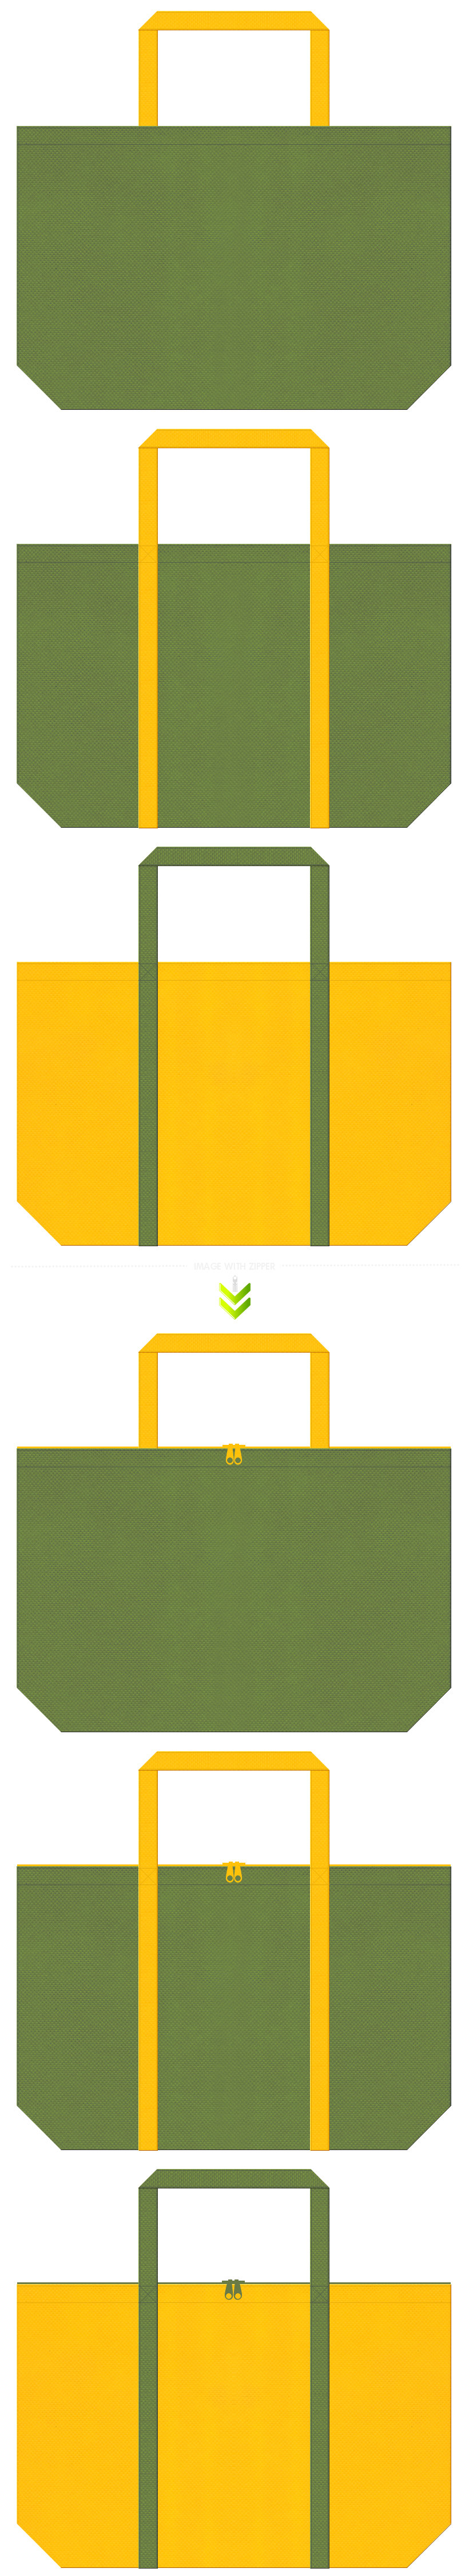 草色と黄色の不織布バッグデザイン。栗入りの抹茶ぜんざい風で、和菓子・和雑貨のショッピングバッグにお奨めです。